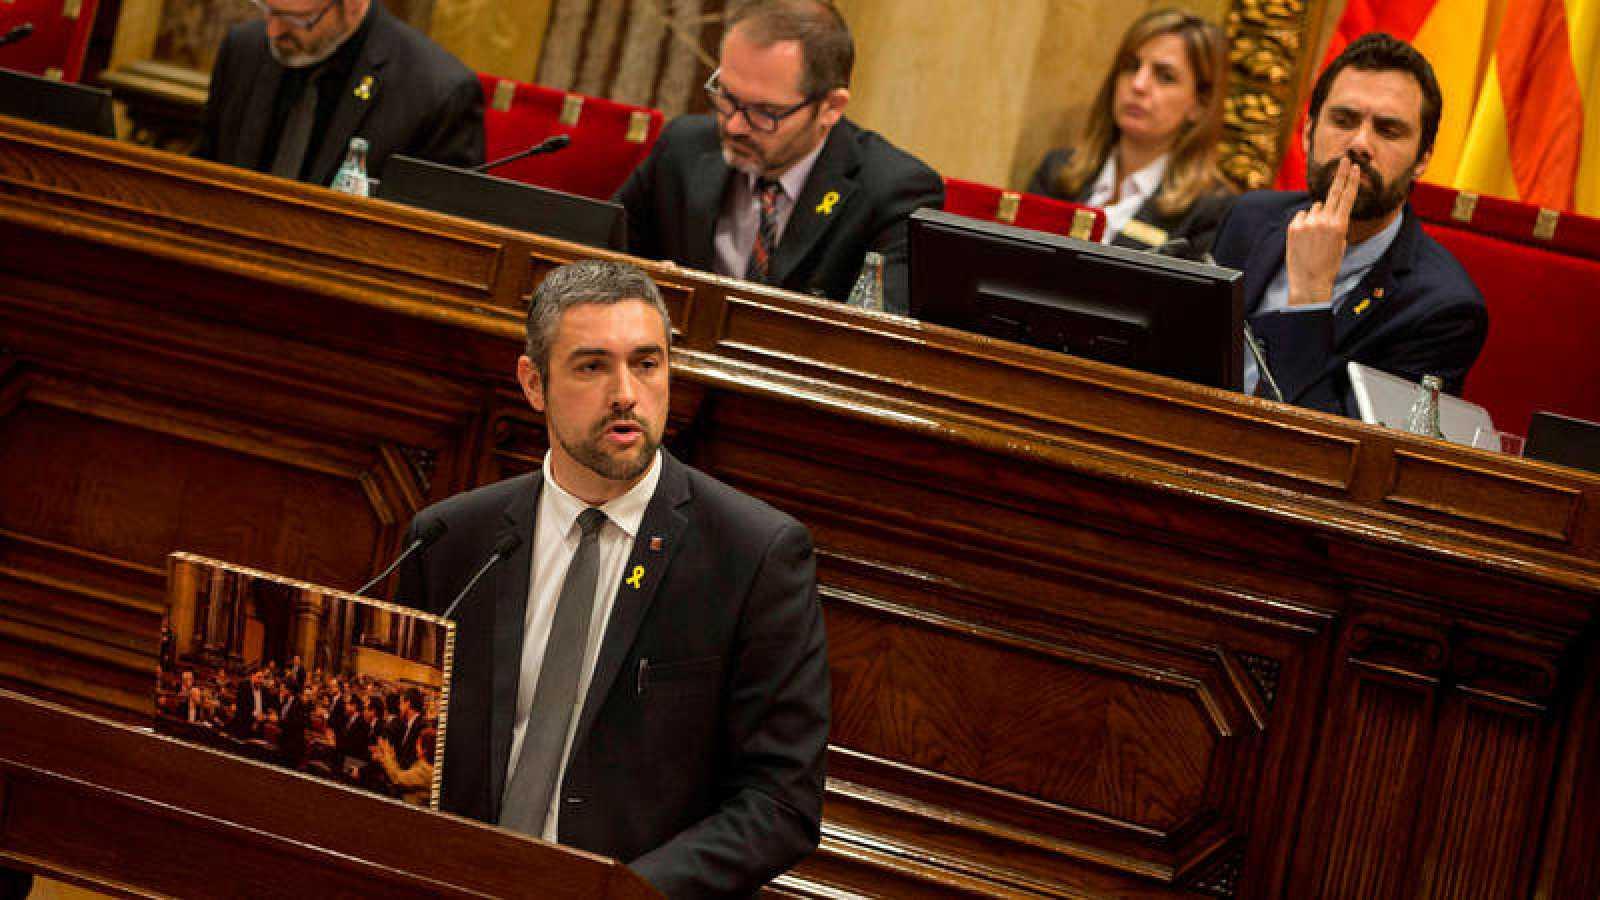 Bernat Soler, alcalde de Agramunt (Lleida) y diputado autonómico de ERC, en una imagen de archivo